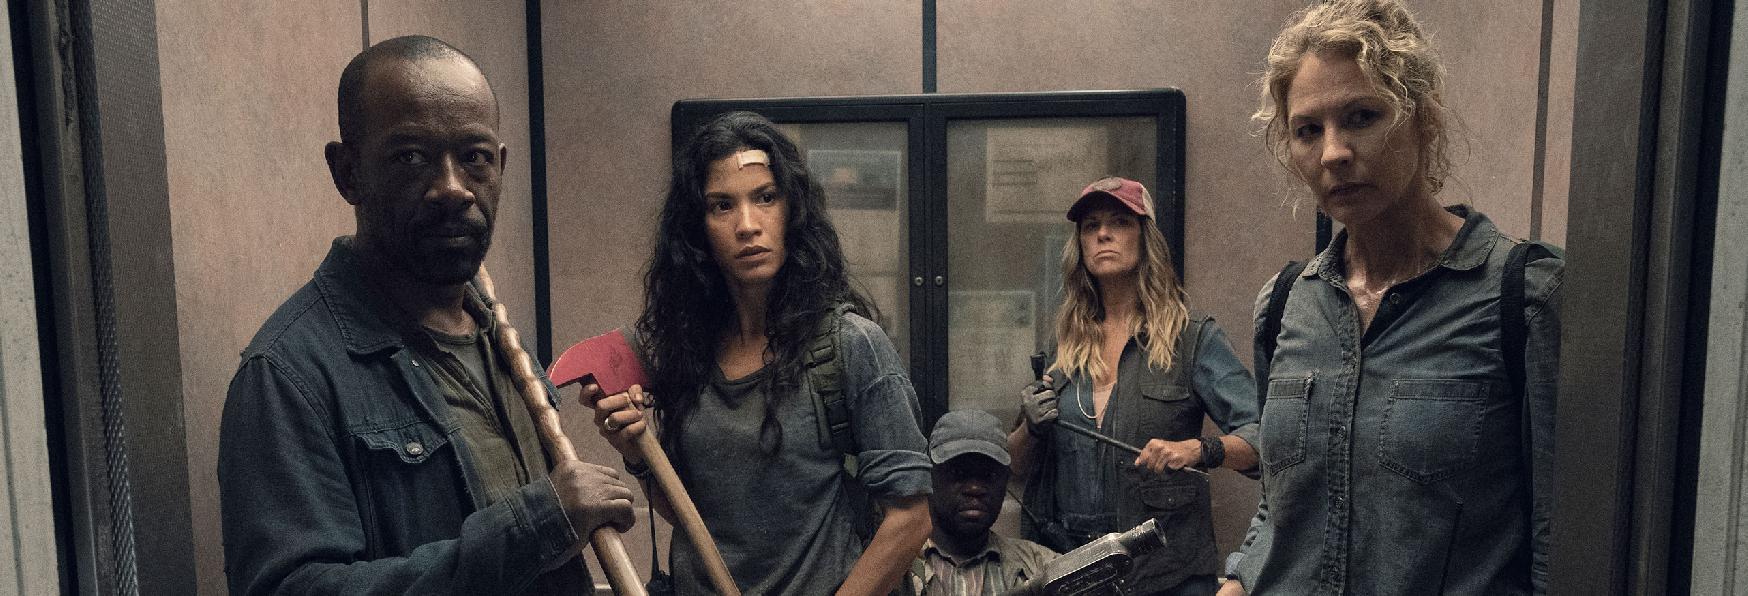 Fear the Walking Dead: rilasciata la Nuova Featurette della Quinta Stagione